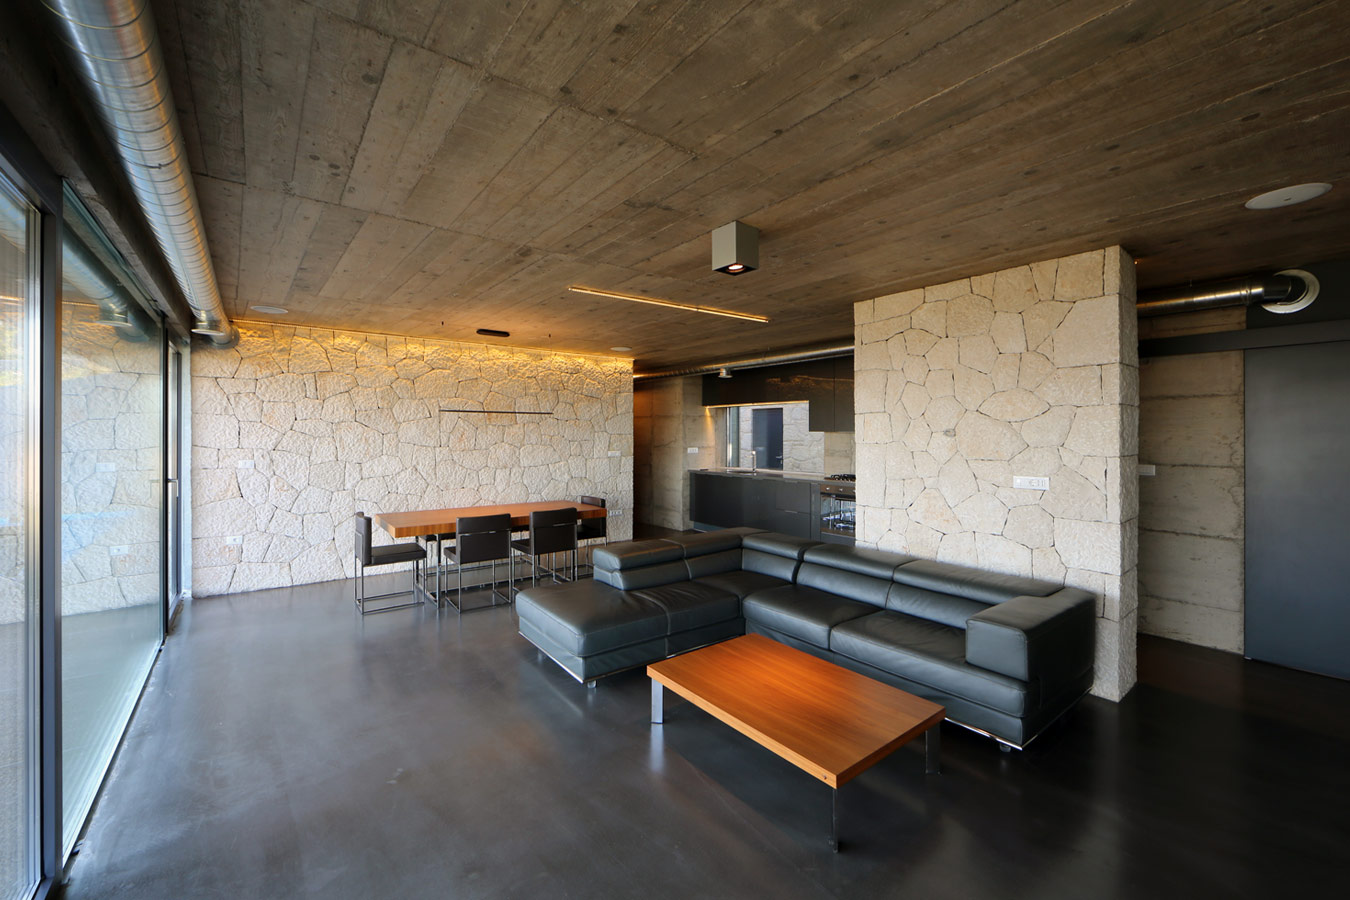 ideeà n voor een moderne woonkamer inspiratie